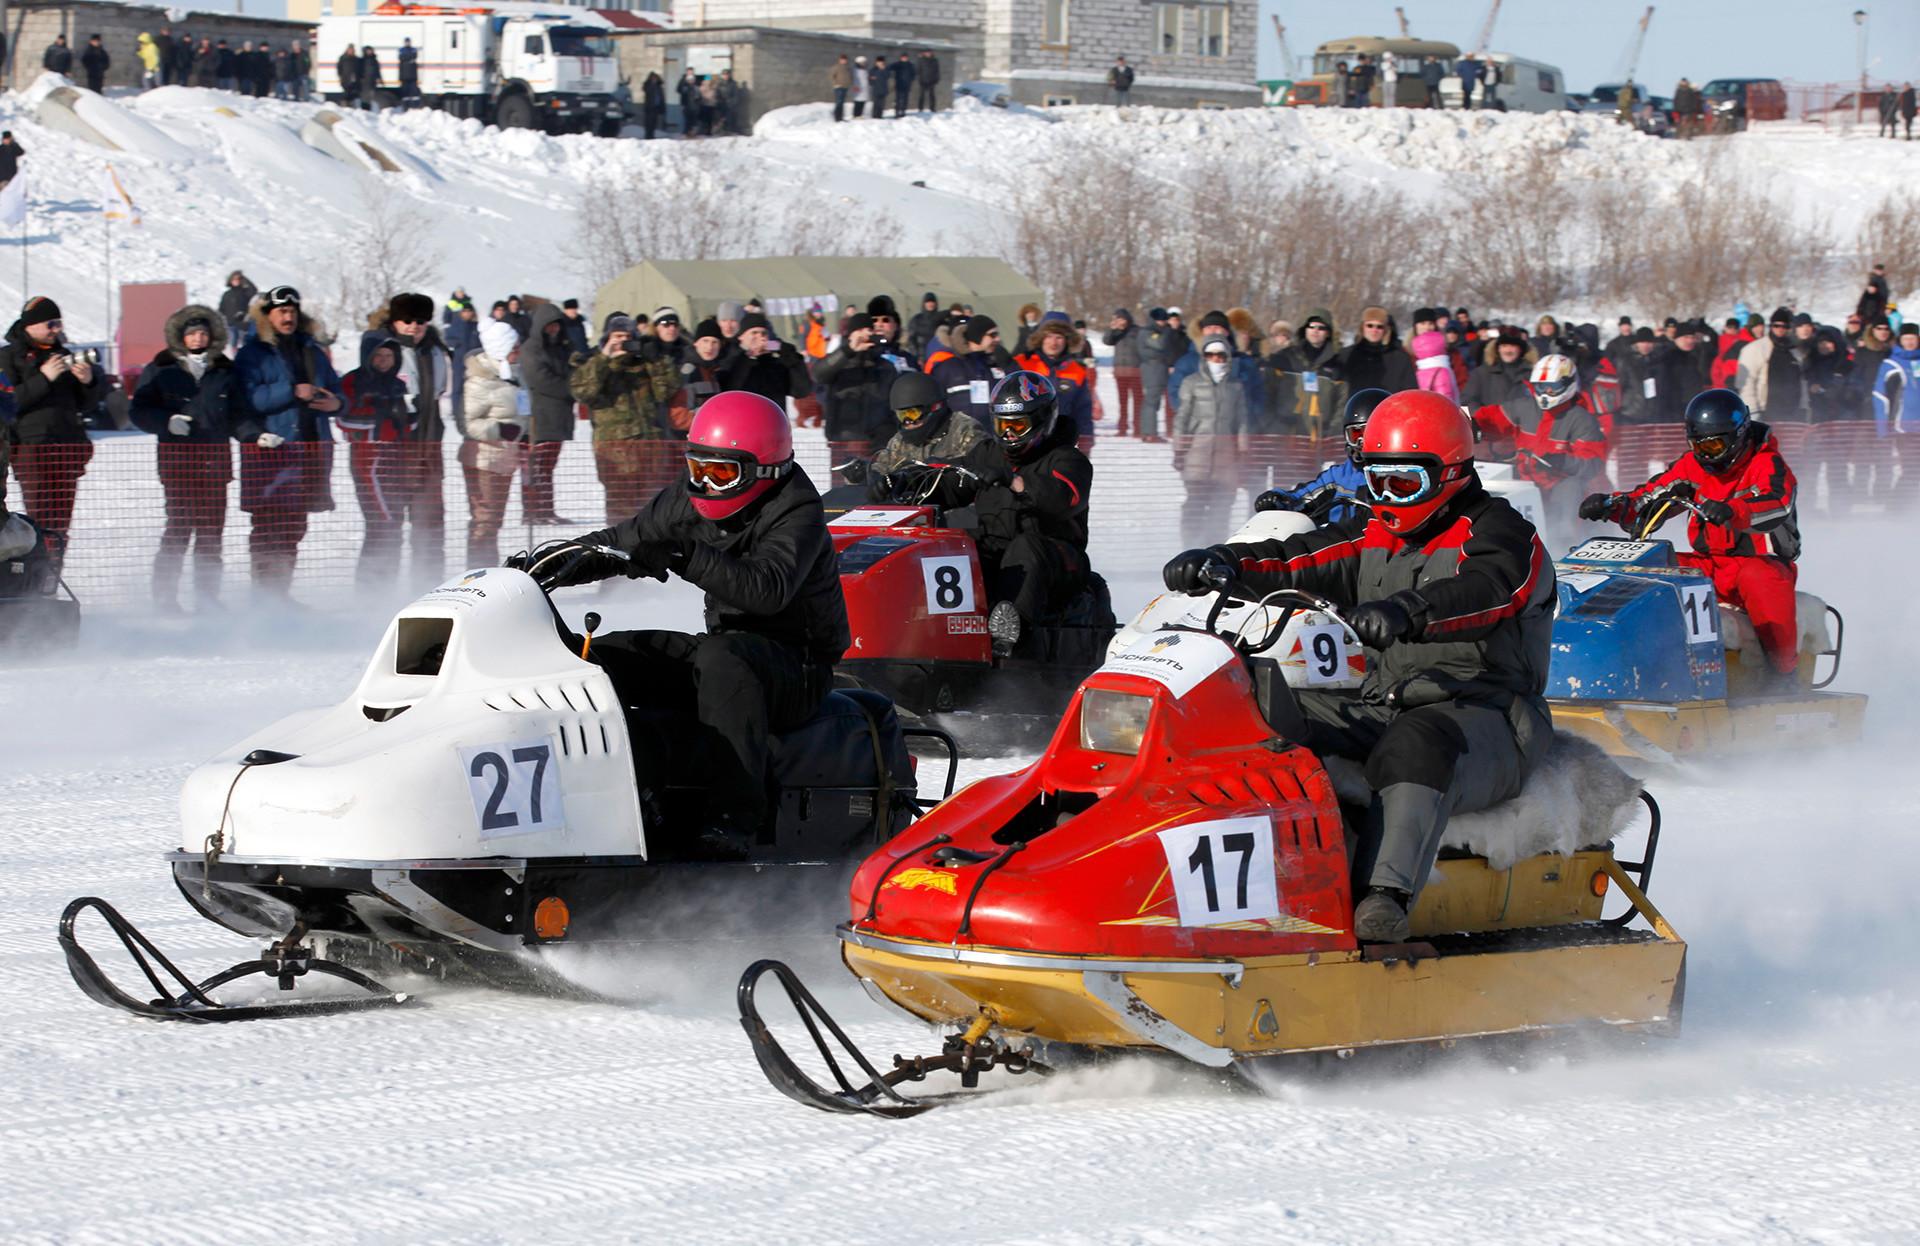 ナリヤン・マルのスポーツ祭「ブラン・デイ2012」にて。「ブラン」でのレースの参加者。